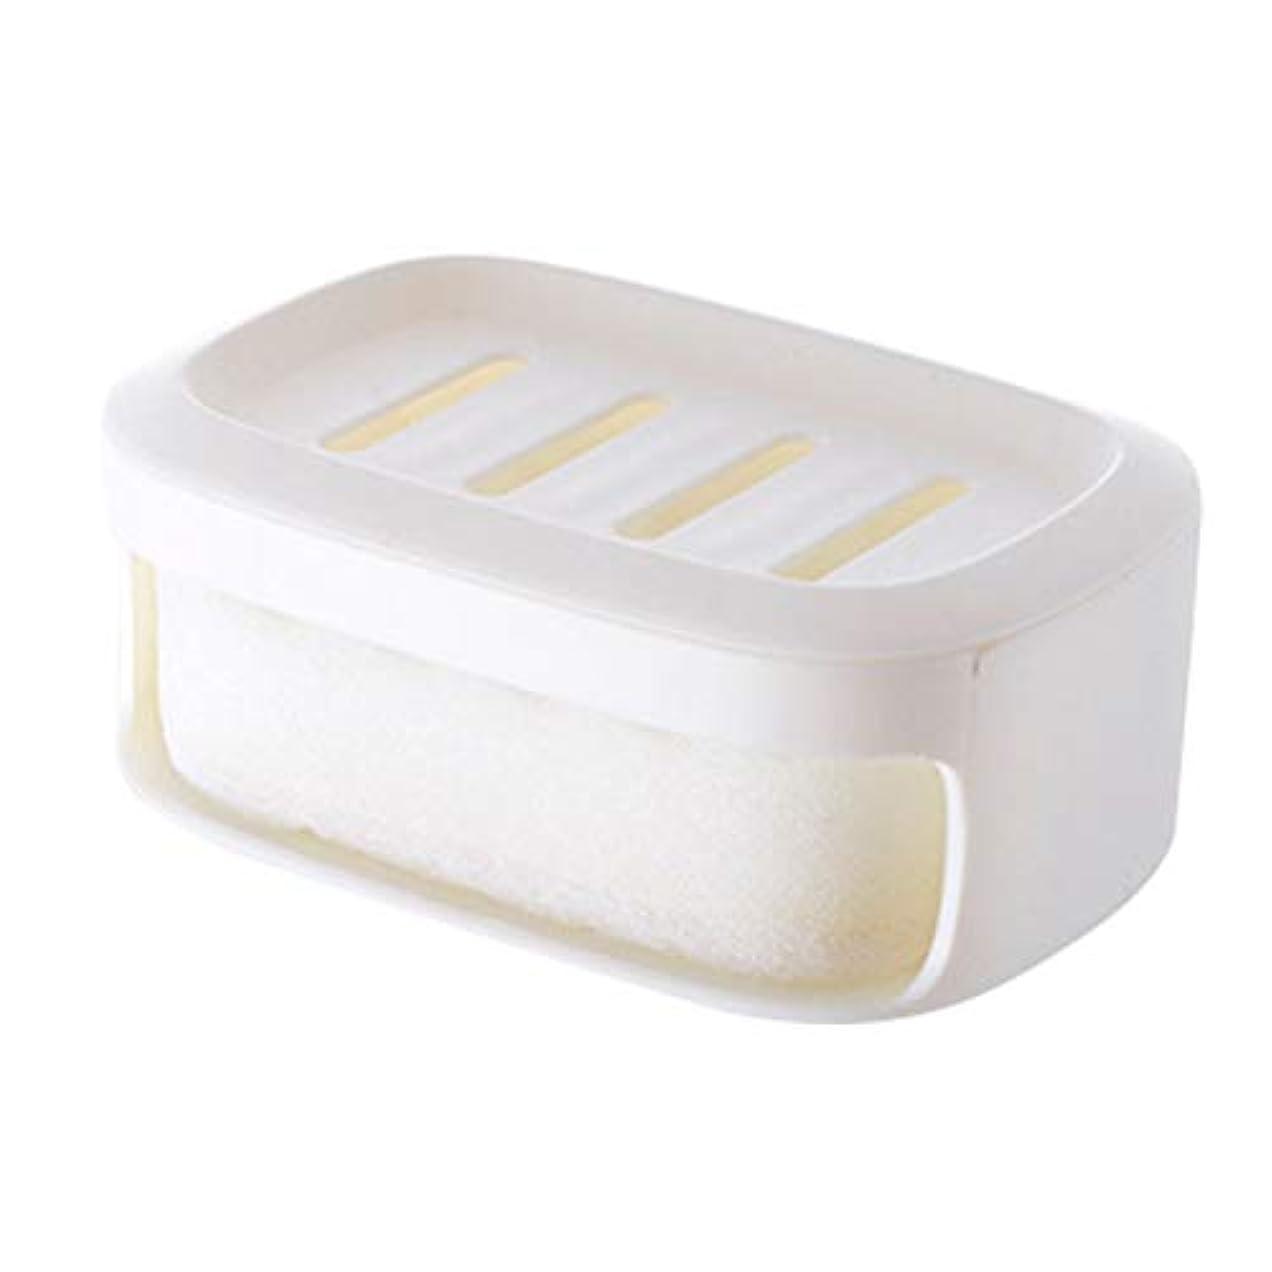 統治可能制限する桁Healifty ソープボックス二重層防水シールソープコンテナバスルームソープ収納ケース(ホワイト)